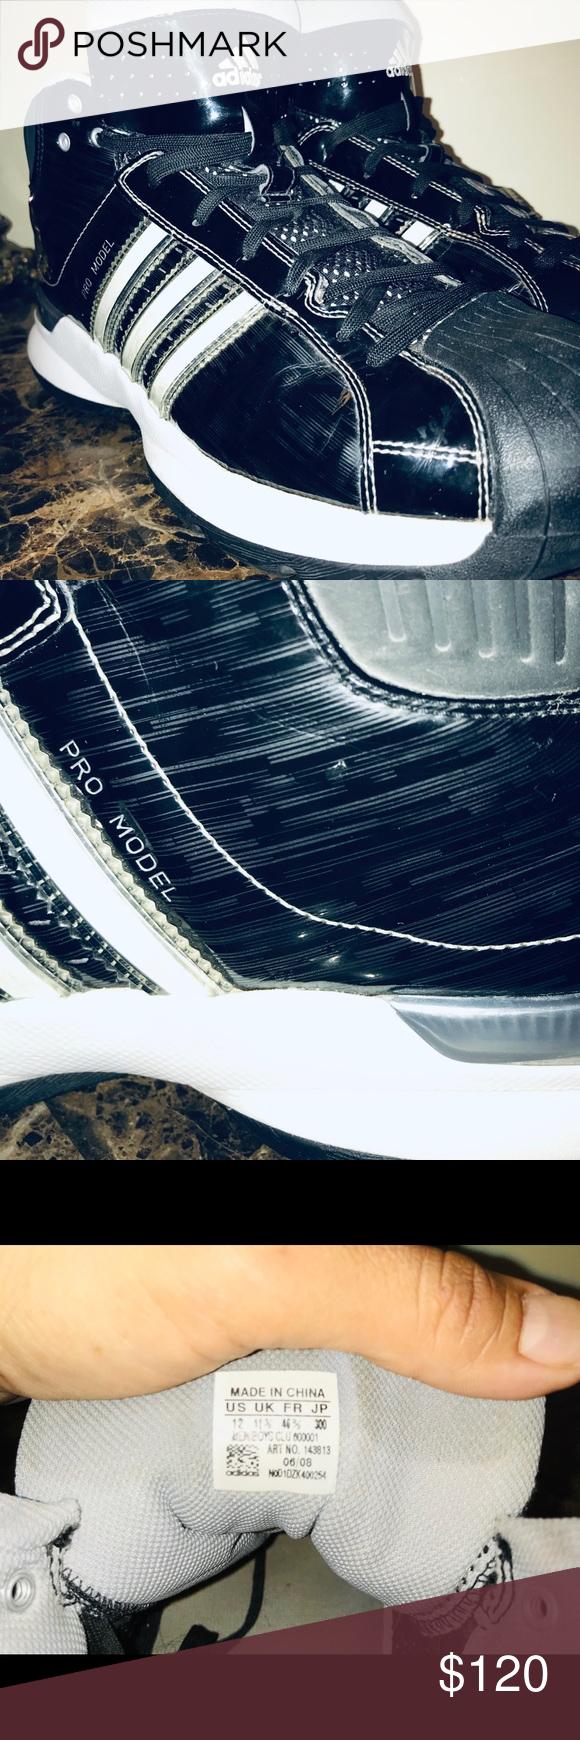 old school adidas sneakers